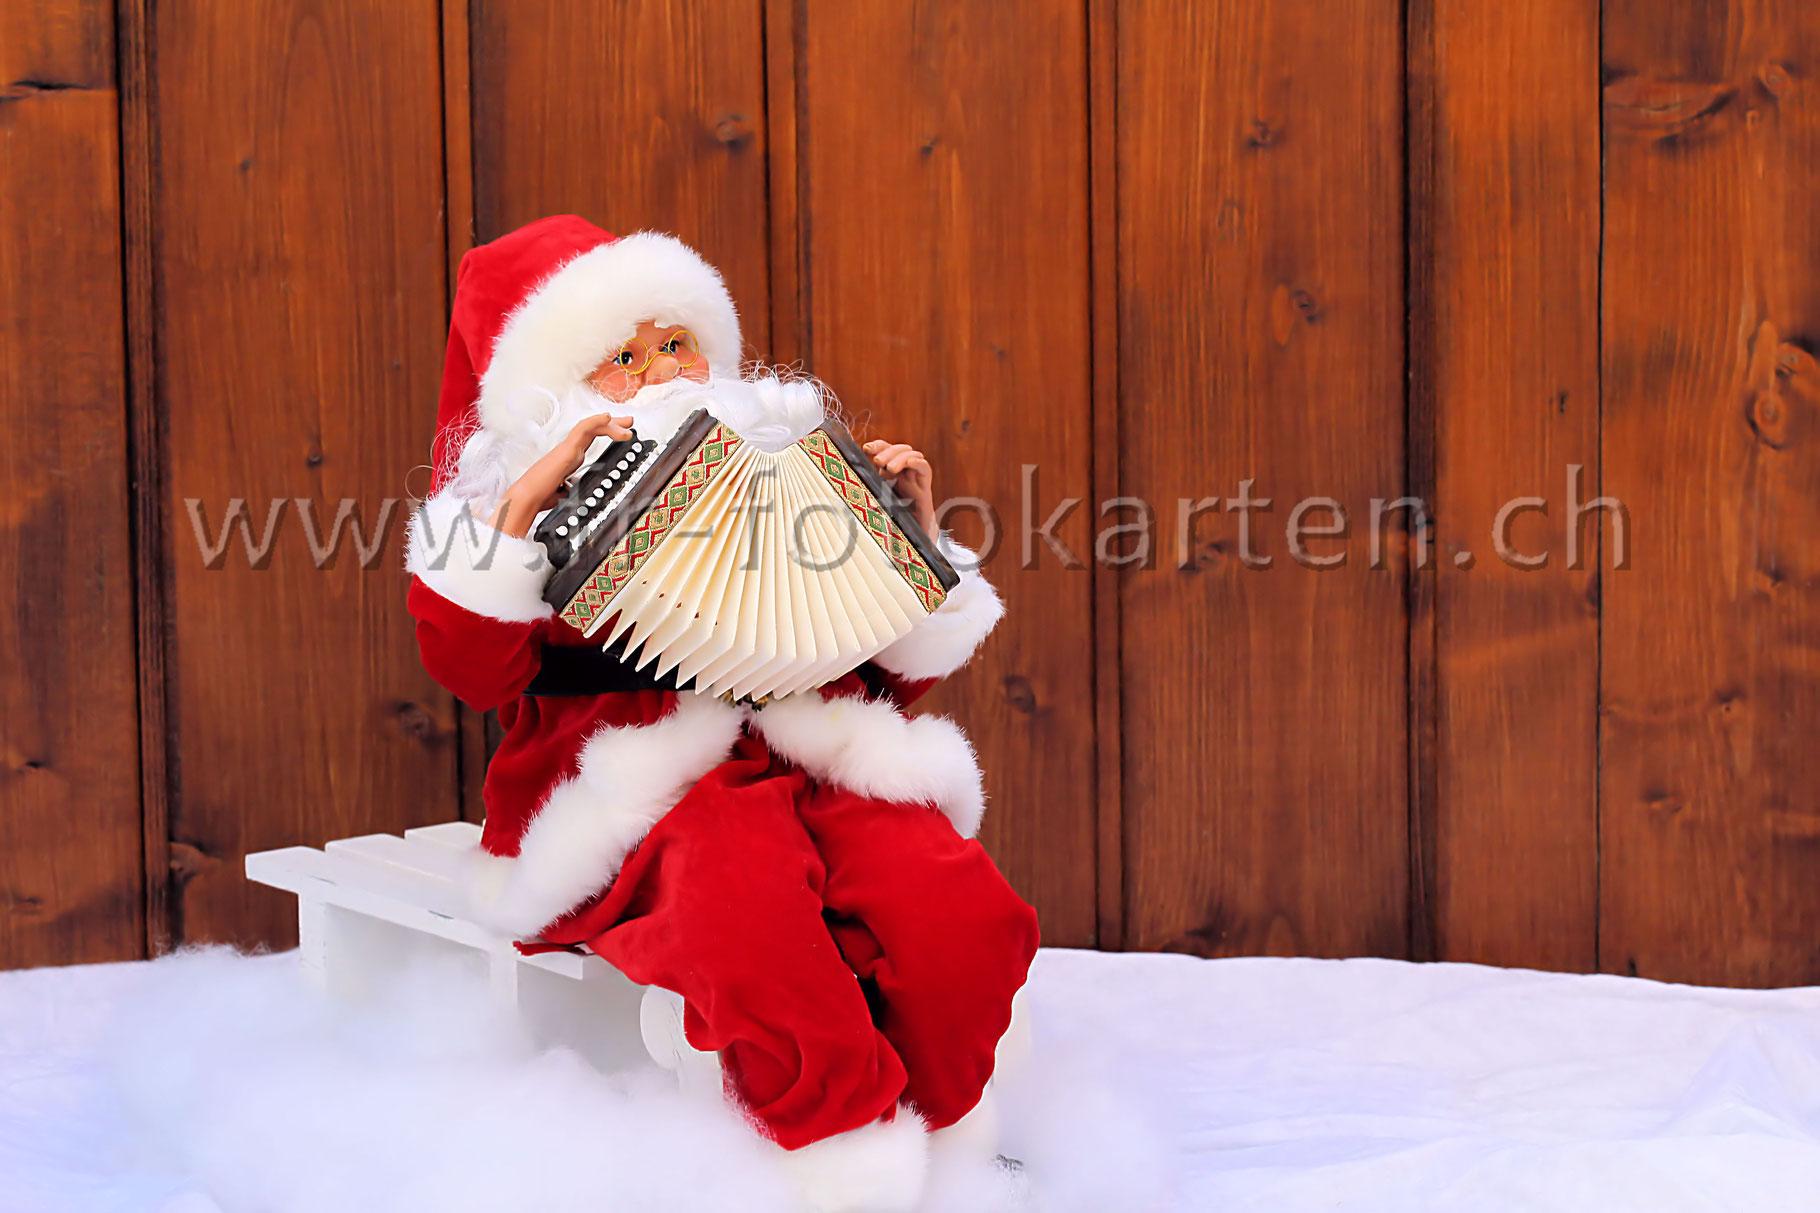 weihnachtsgrusskarten weihnachtskarten online fr fotokarten. Black Bedroom Furniture Sets. Home Design Ideas